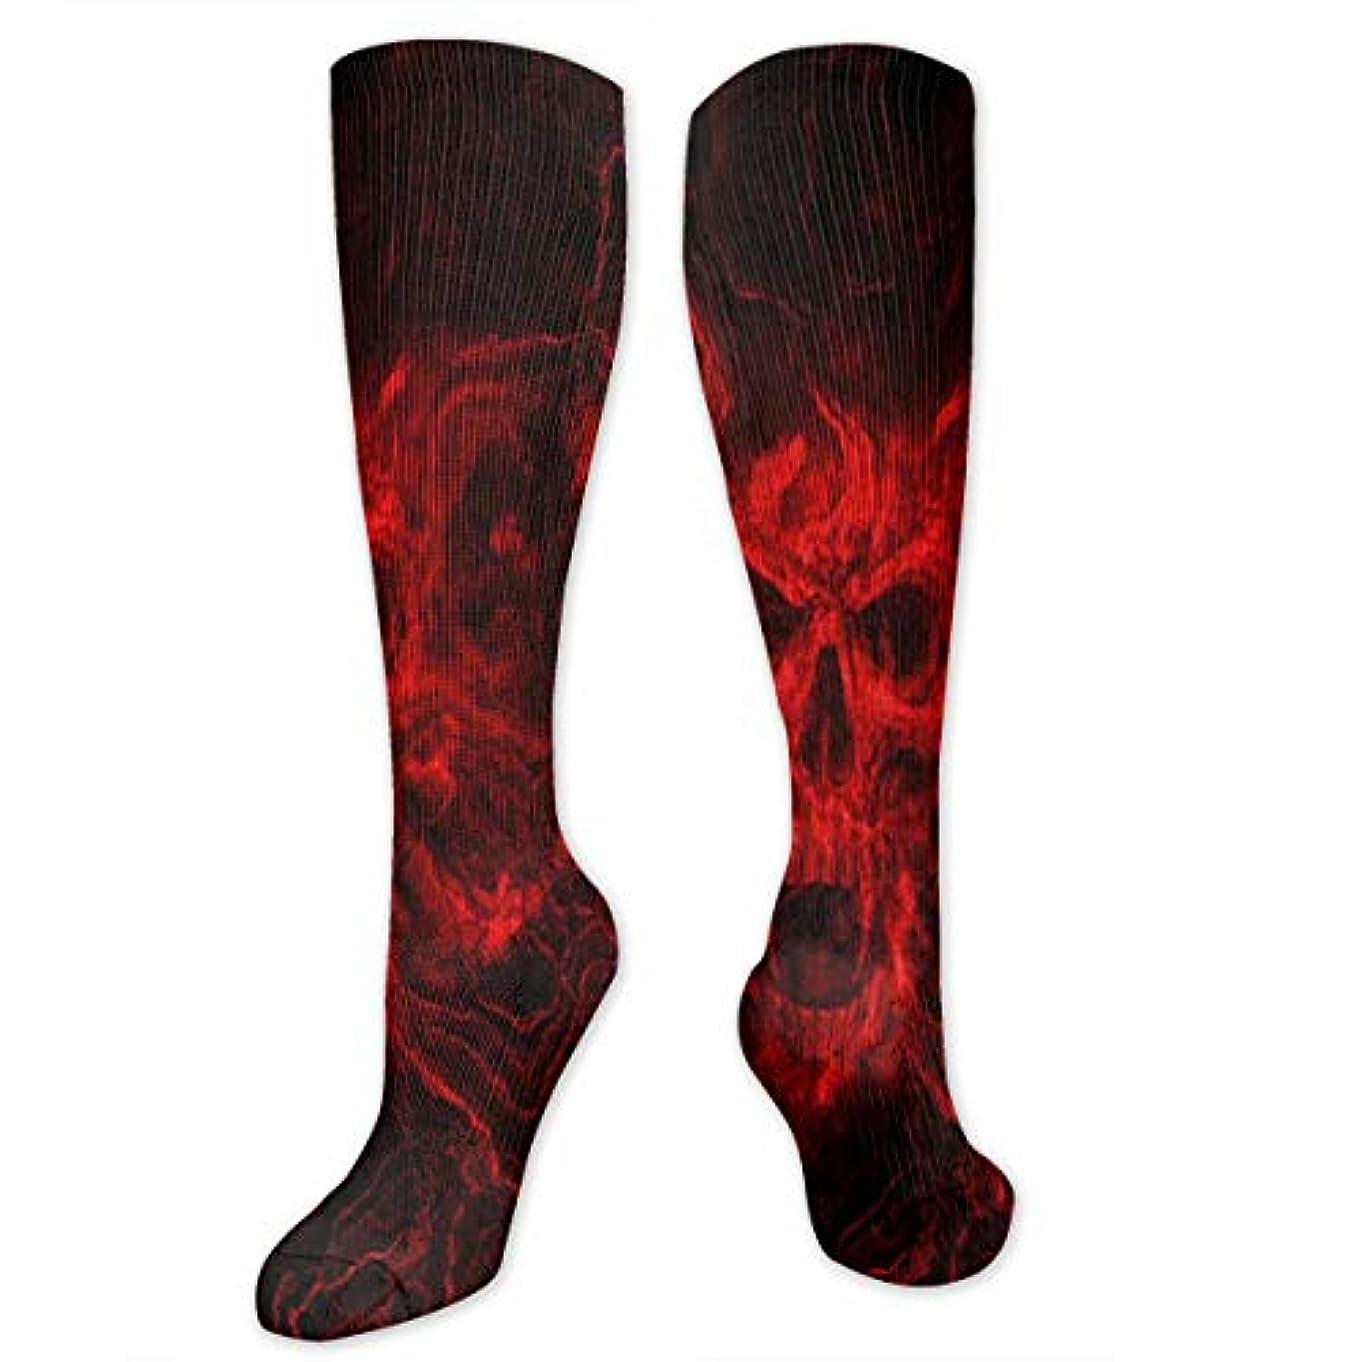 自体市の花独創的レディースFunny Casual Socks - コットンレッドスカルアスレチックソックス